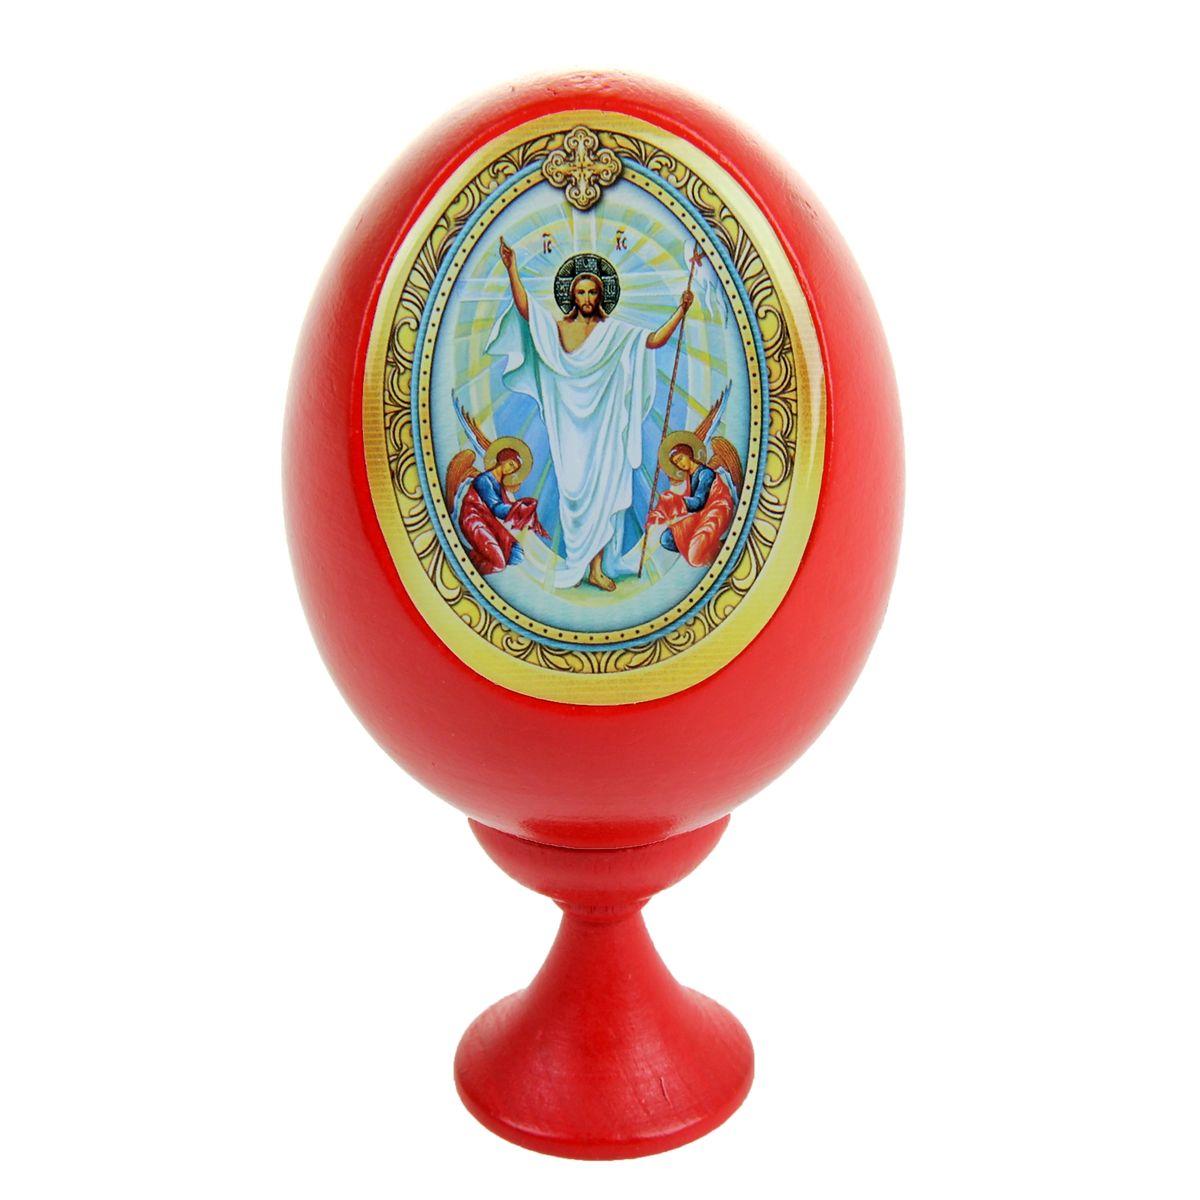 Яйцо декоративное Sima-land Христос Воскресший, на подставке, высота 11 см28922Декоративное яйцо Sima-land Христос Воскресший изготовлено из дерева. Яйцо оформлено яркой наклейкой, покрытой смоляным слоем, с красочным изображением Иисуса Христа. Изделие располагается на деревянной подставке. Декоративное яйцо Sima-land Христос Воскресший принесет в ваш дом ощущение торжества, душевного уюта и станет идеальным подарком на Пасху. Диаметр яйца: 5,5 см. Высота яйца: 8 см. Размер подставки: 3 см х 3 см х 3,5 см.